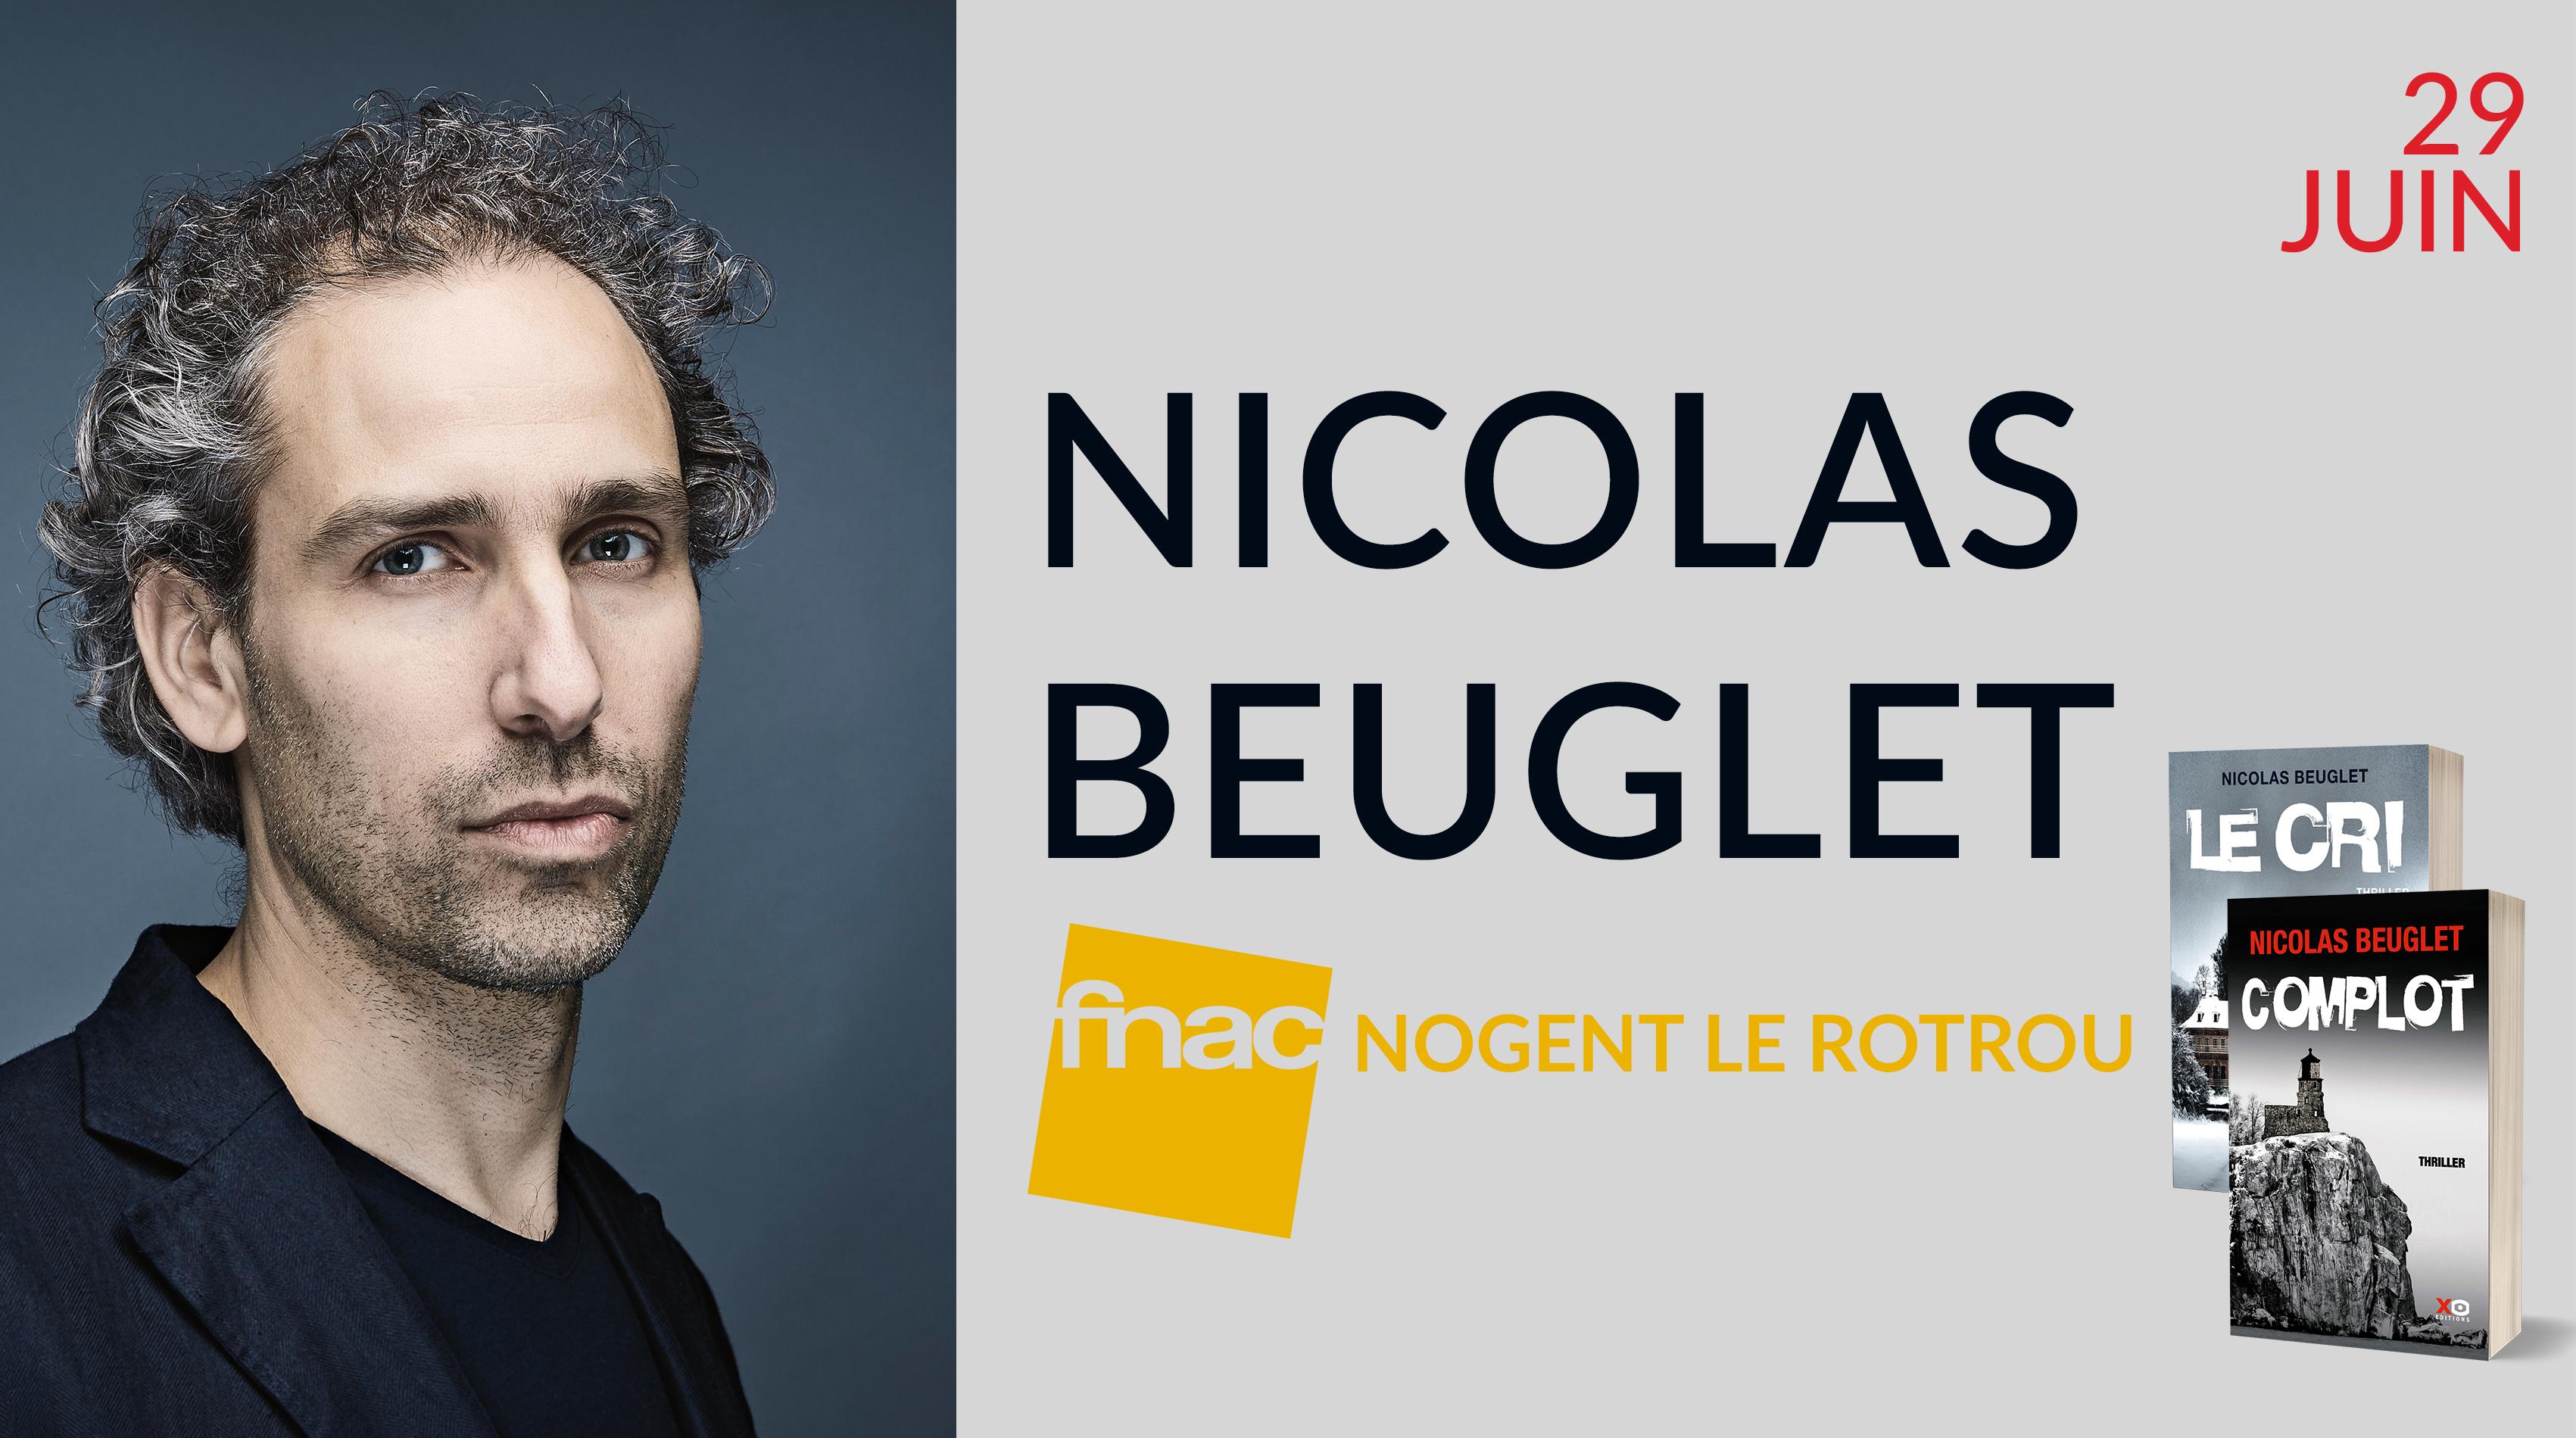 NICOLAS BEUGLET À NOGENT LE ROTROU